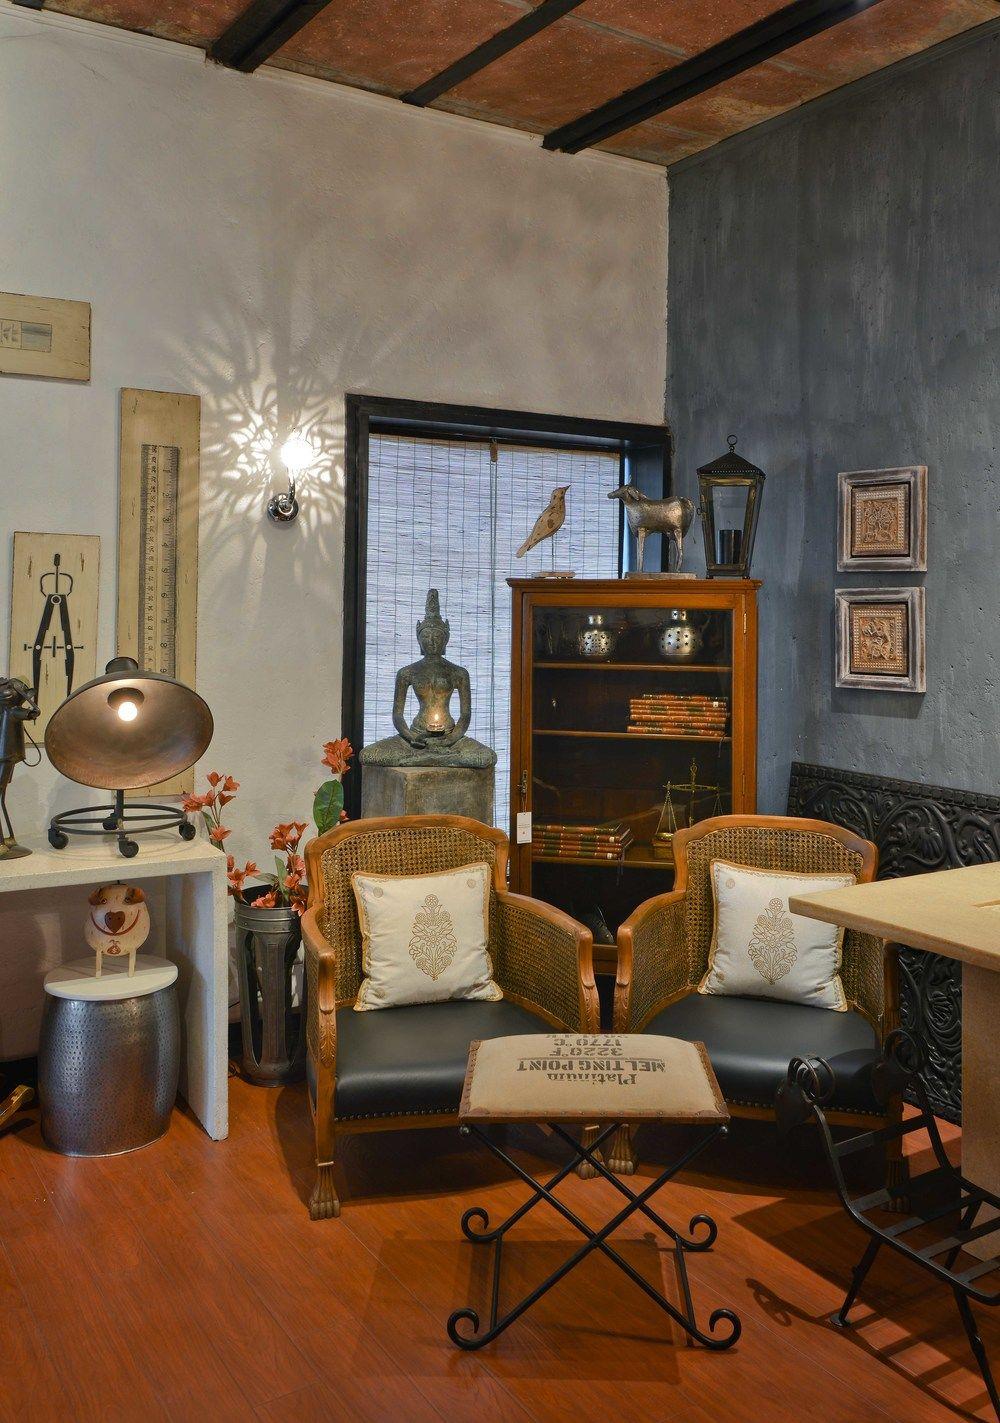 Apartment interior design india nicakhannadesigns